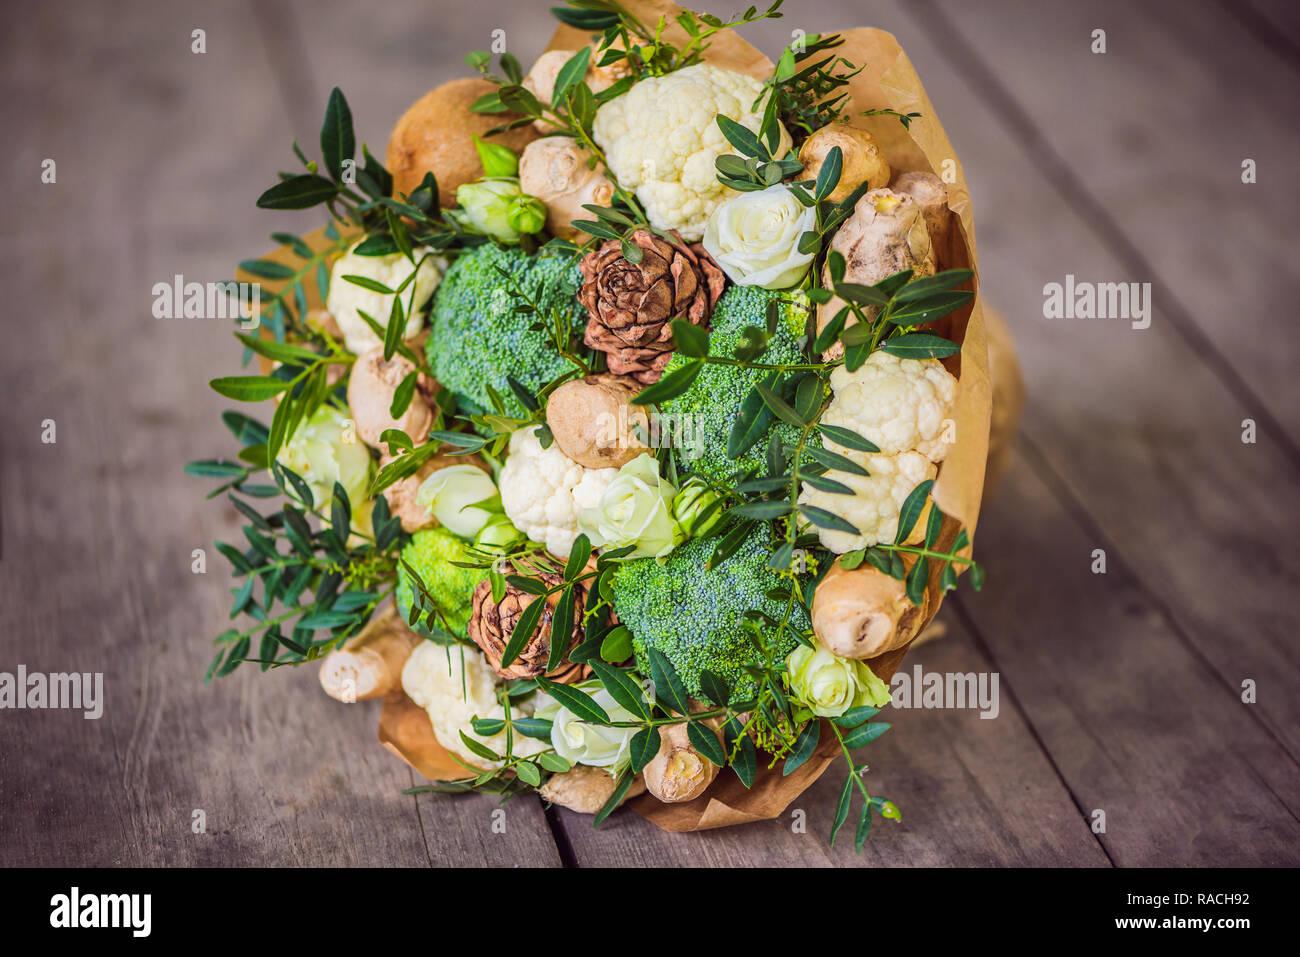 Mazzo Di Fiori E Verdure.Bouquet Di Frutta E Verdura Regalo Utile Per Uno Stile Di Vita